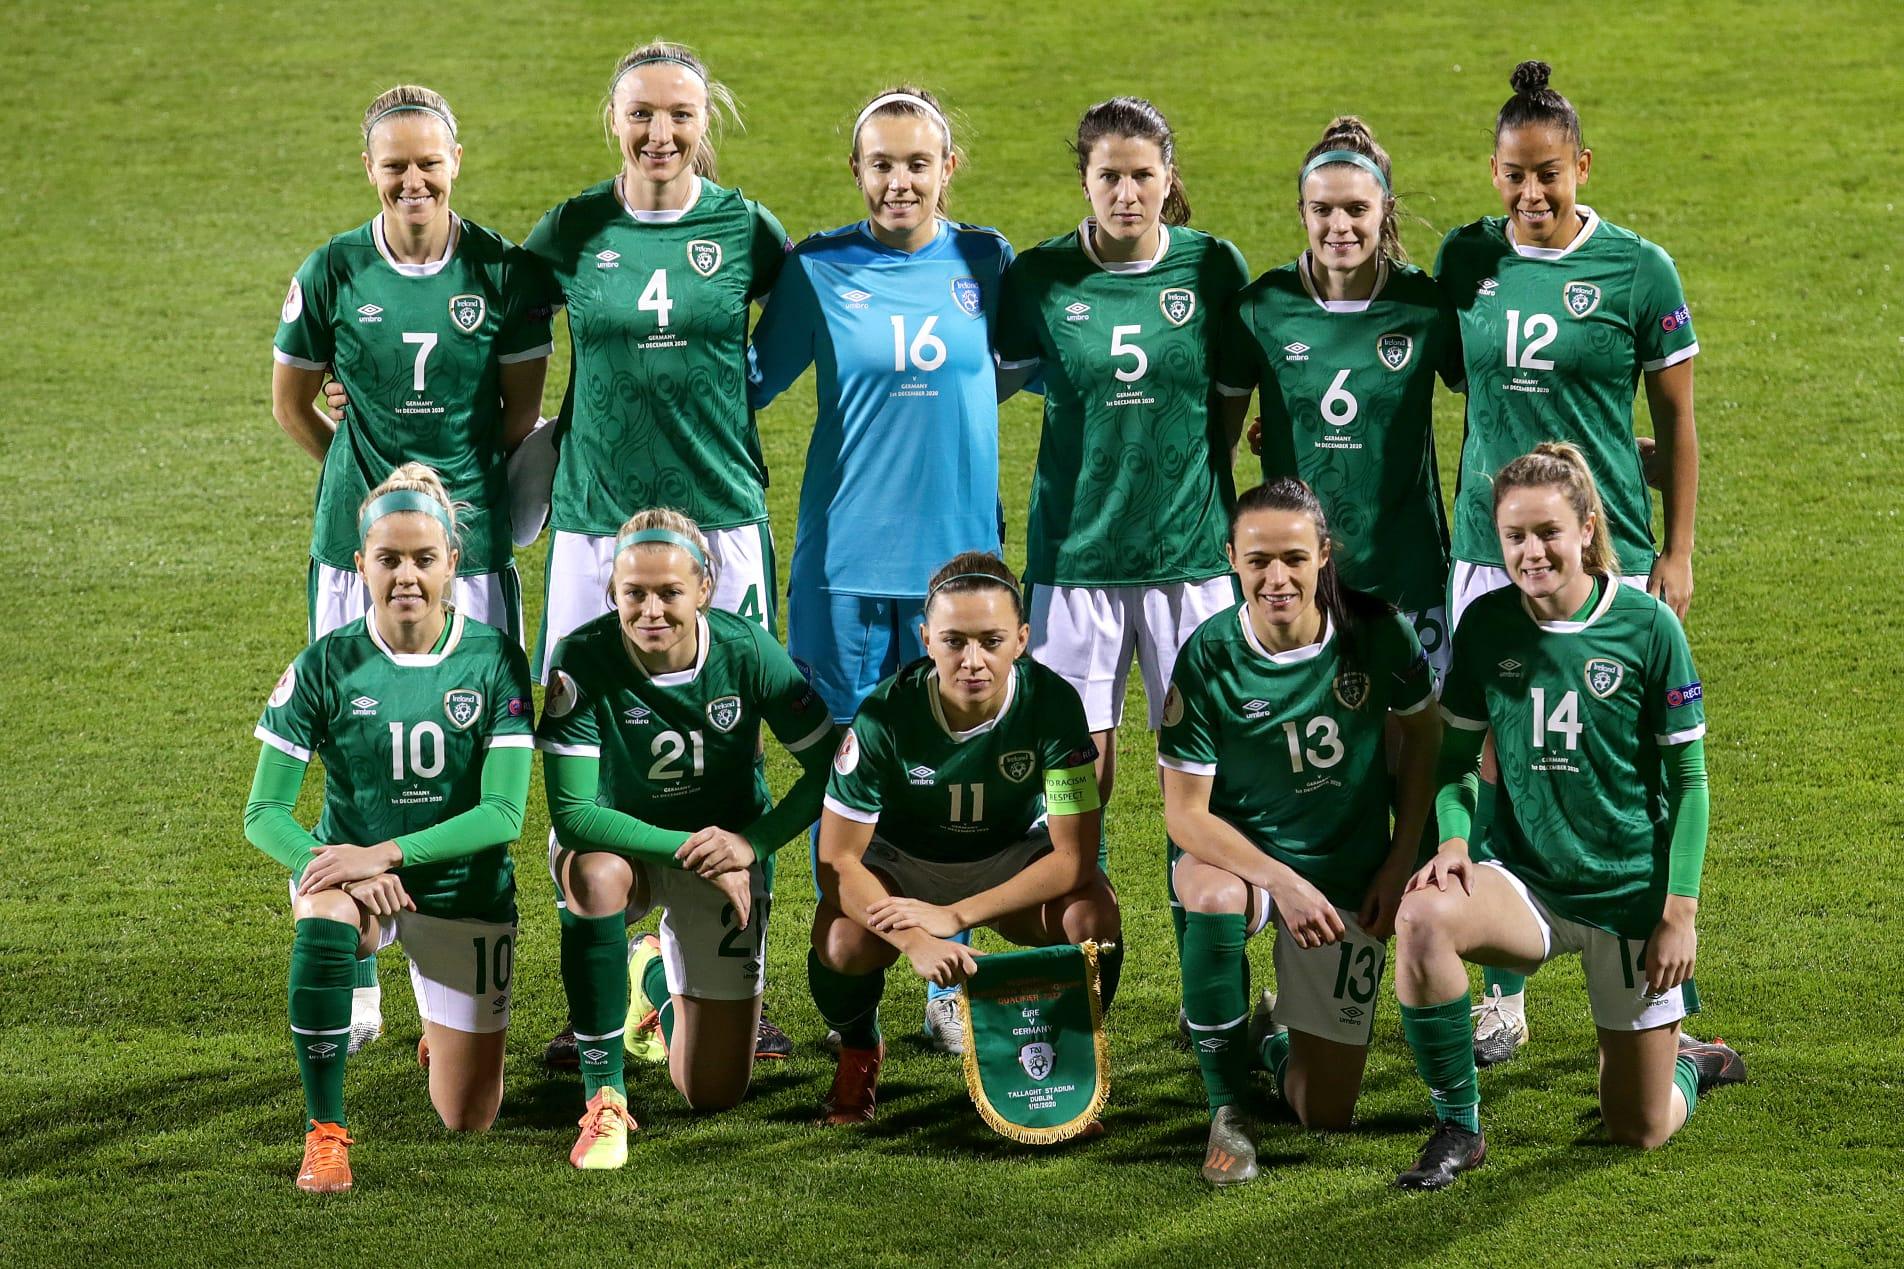 COTHROM NA FÉINNE: Banpheileadóirí sacair na hÉireann